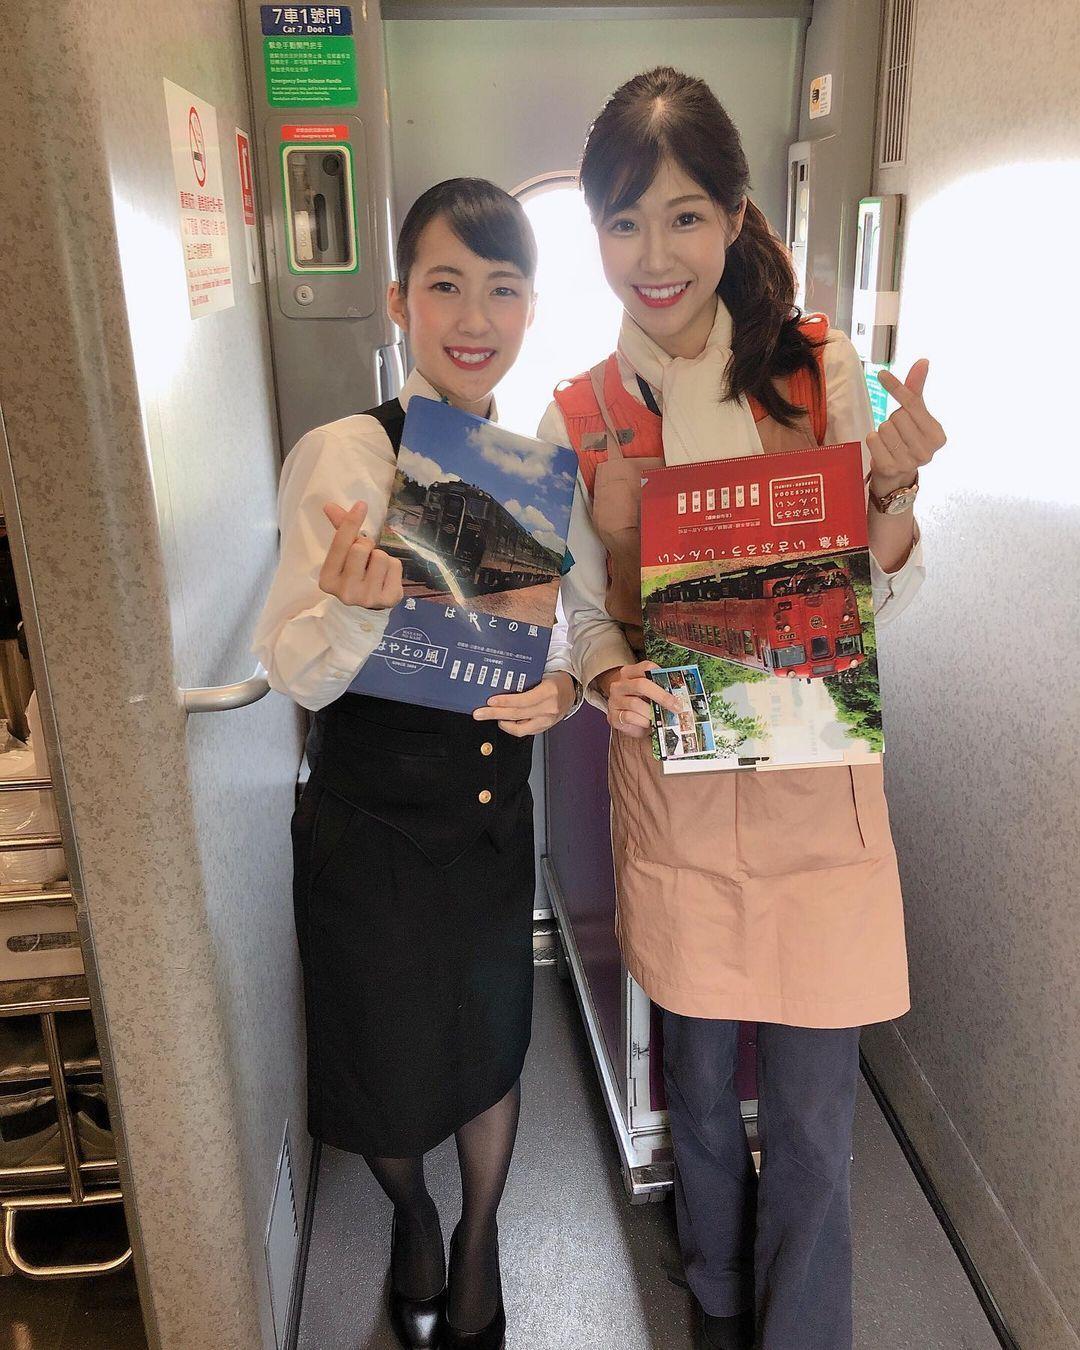 恋爱般的旅程 高铁正妹乘务员